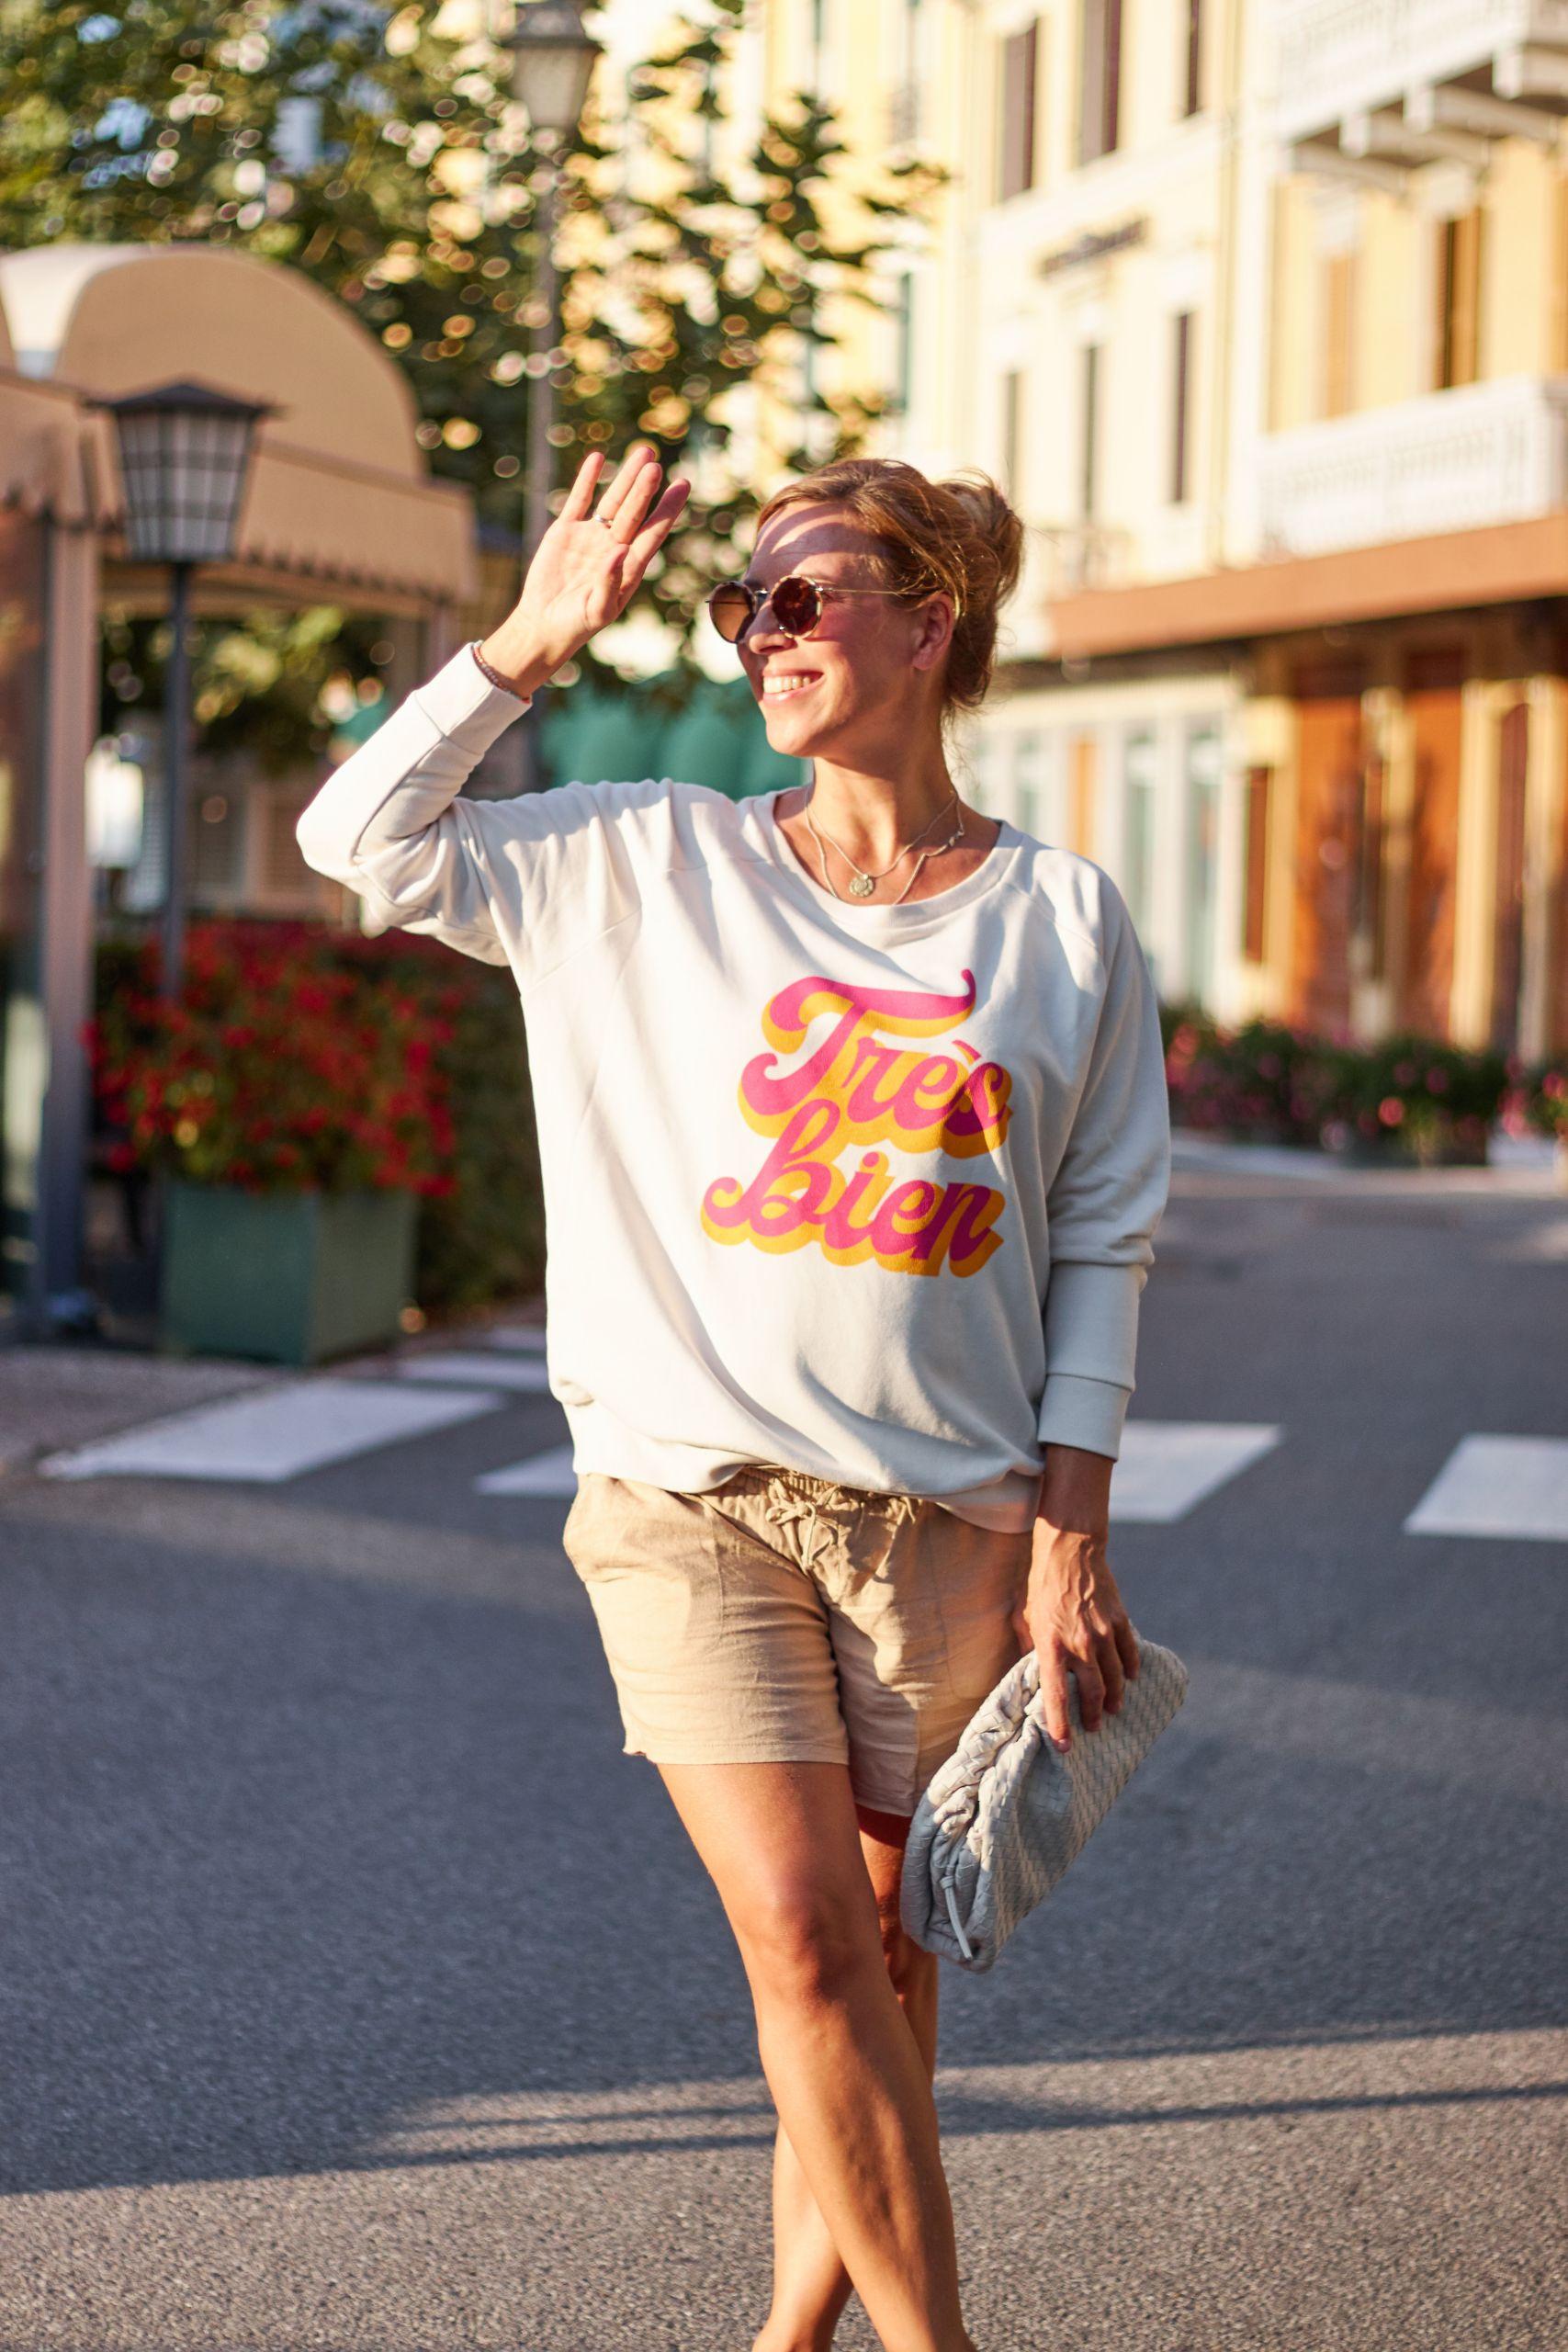 Très bien Sweatshirt von Bonjour Ben in Bellagio